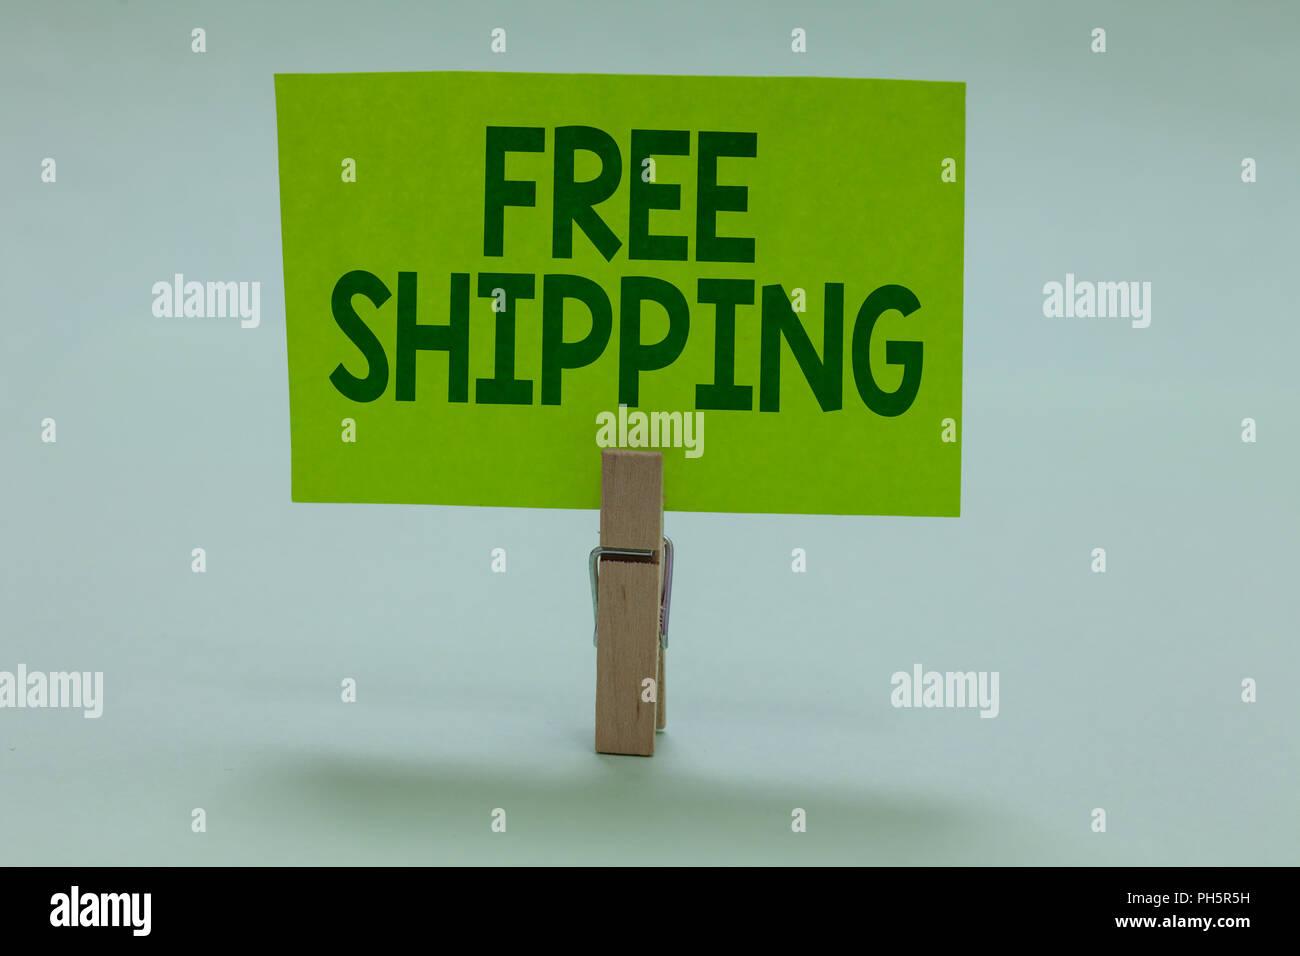 Main conceptuel écrit, indiquant la livraison gratuite. Photo d'affaires mettant en fret aérien Connaissement Envoi Envoi Payload Cartage Clothespin holding Photo Stock